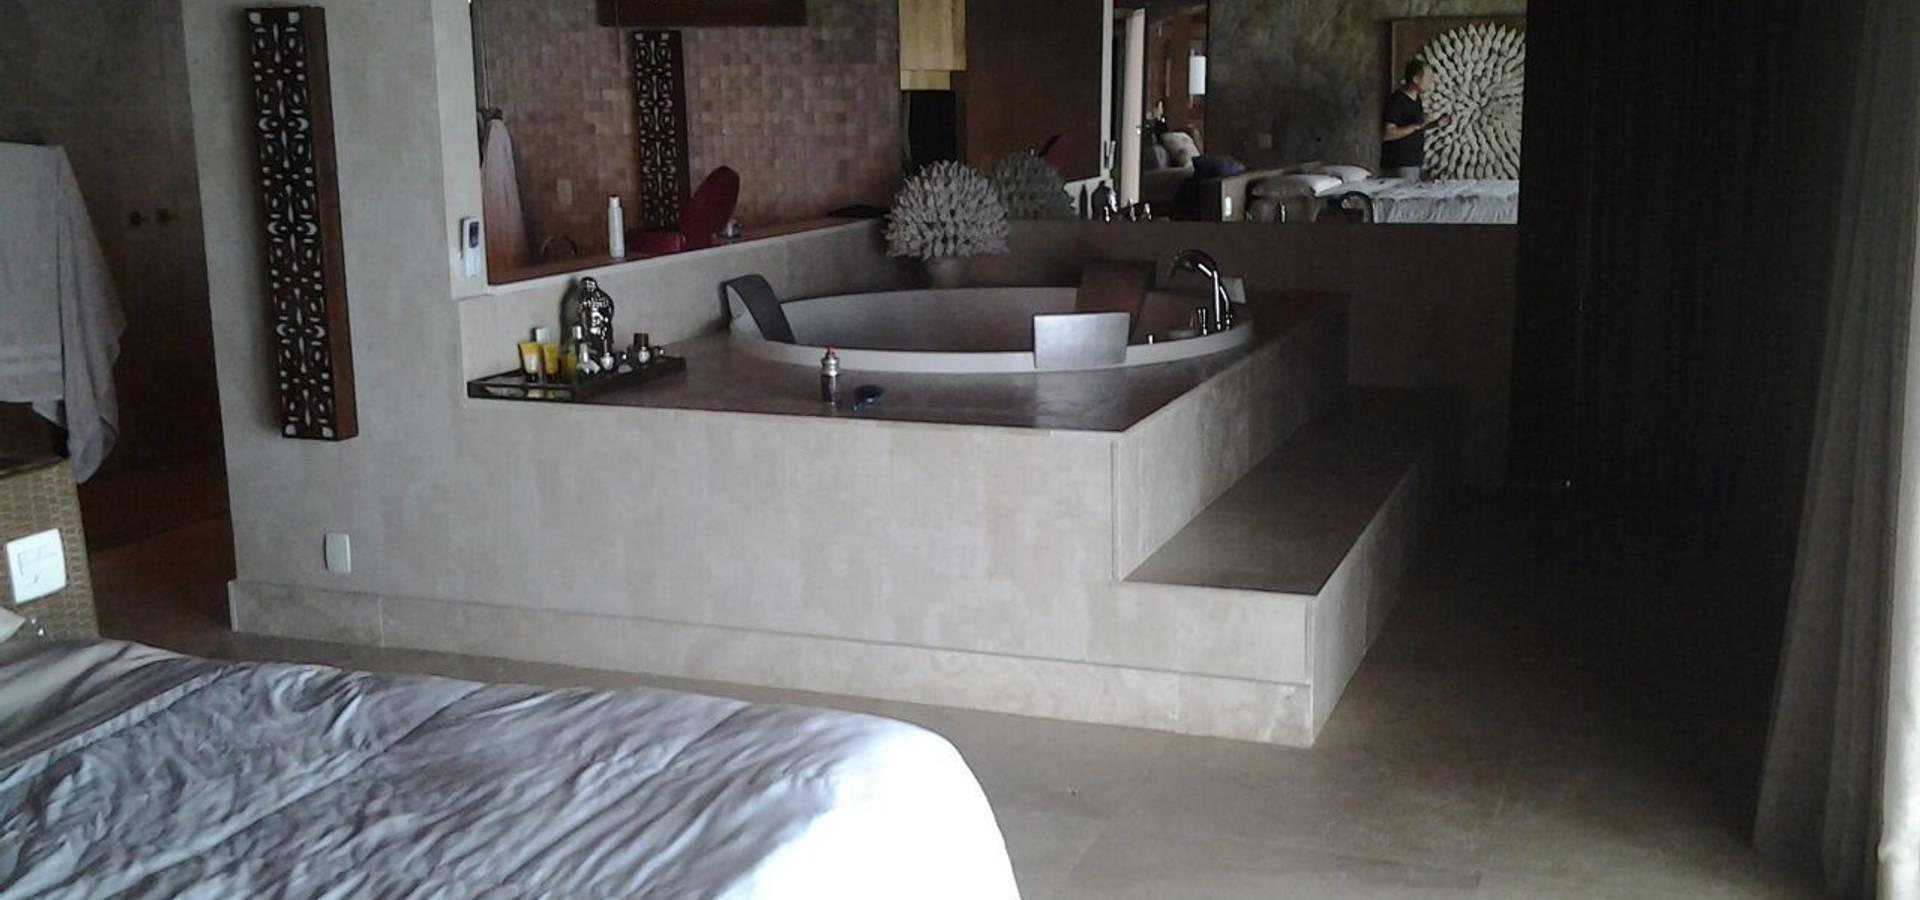 CAMASA Marmores & Design